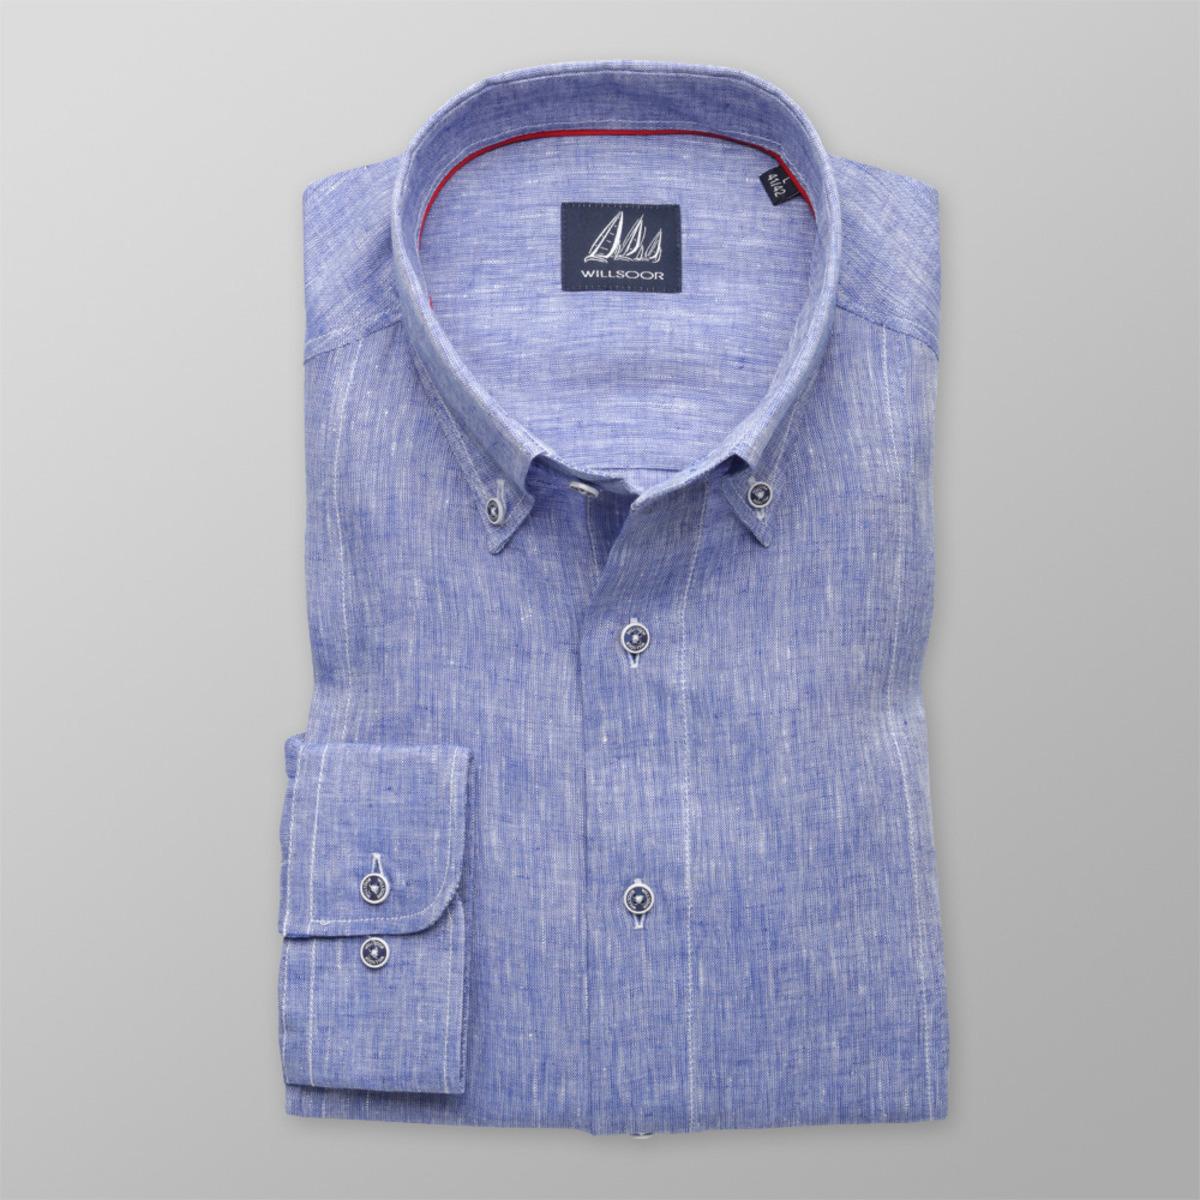 Košeľa Classic (všetky veľkosti) 9496 164-170 / XL (43/44)